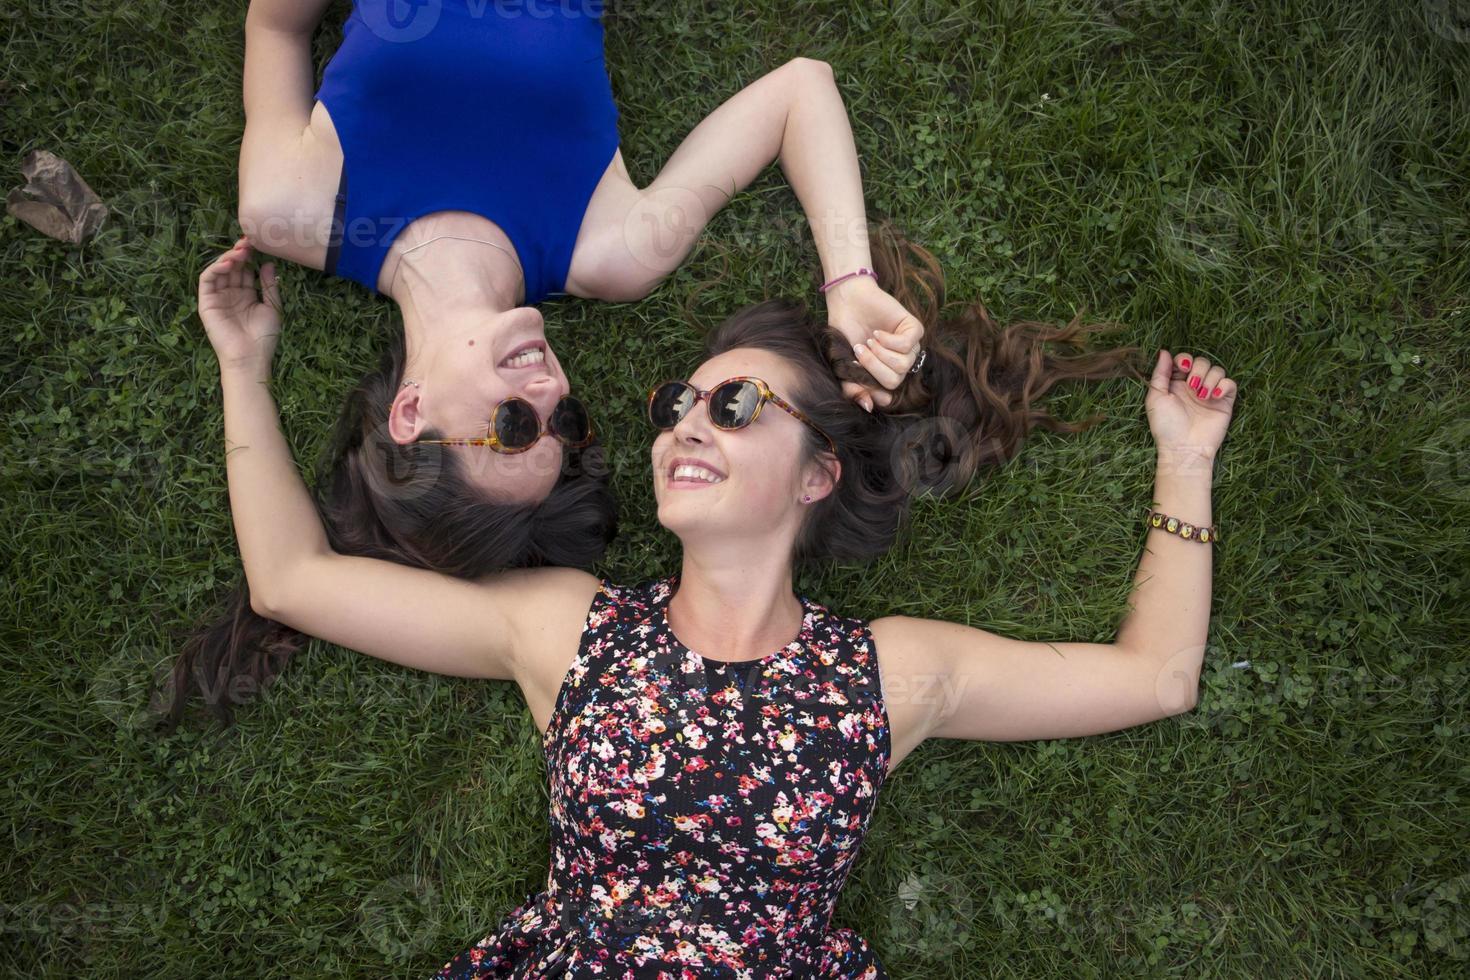 dos chicas lindas íntimas, relajantes en la hierba. foto